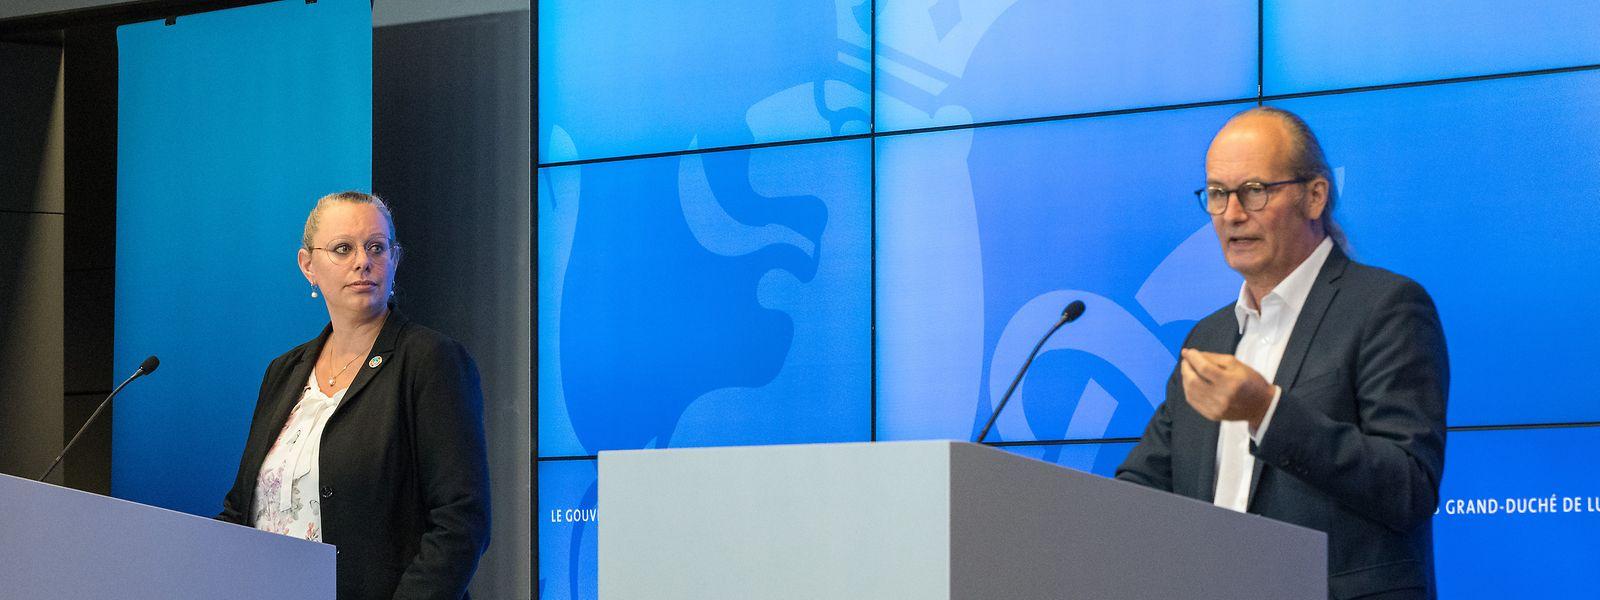 Klimaministerin Carole Dieschbourg, Energieminister Claude Turmes: zurückhaltend bei der Umsetzung des Energie- und Klimaplanes.